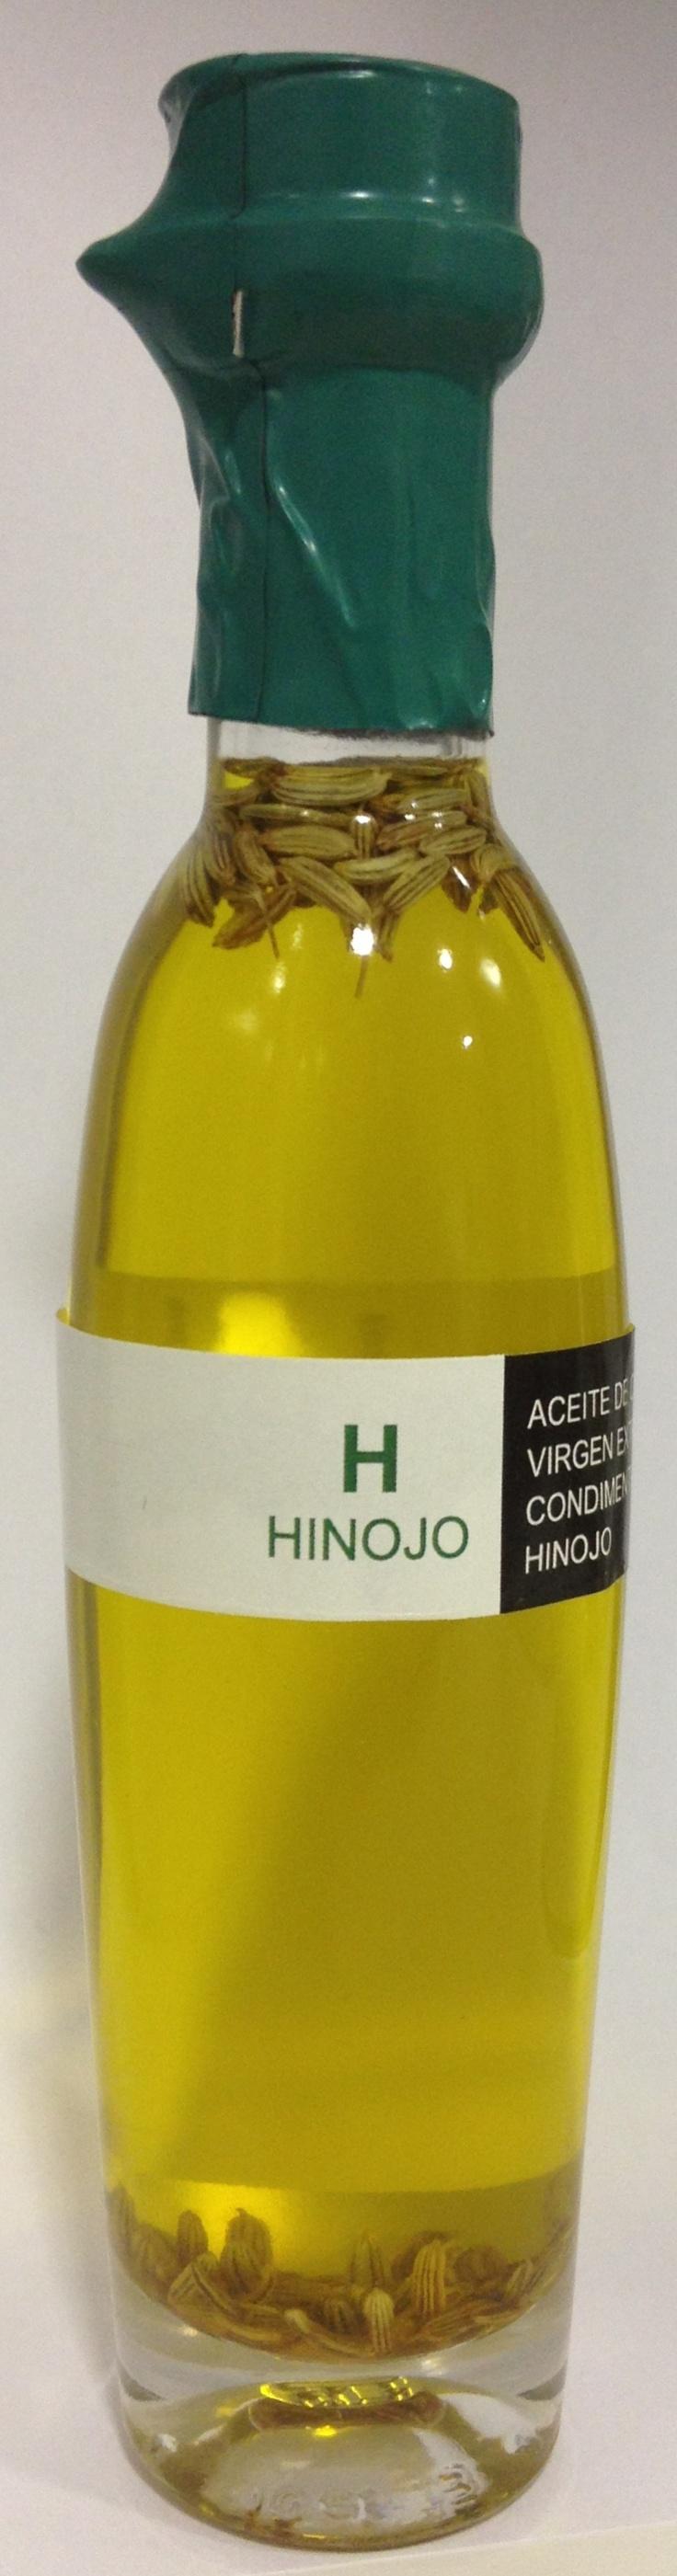 Aceite de oliva virgen extra ecostean con hinojo!